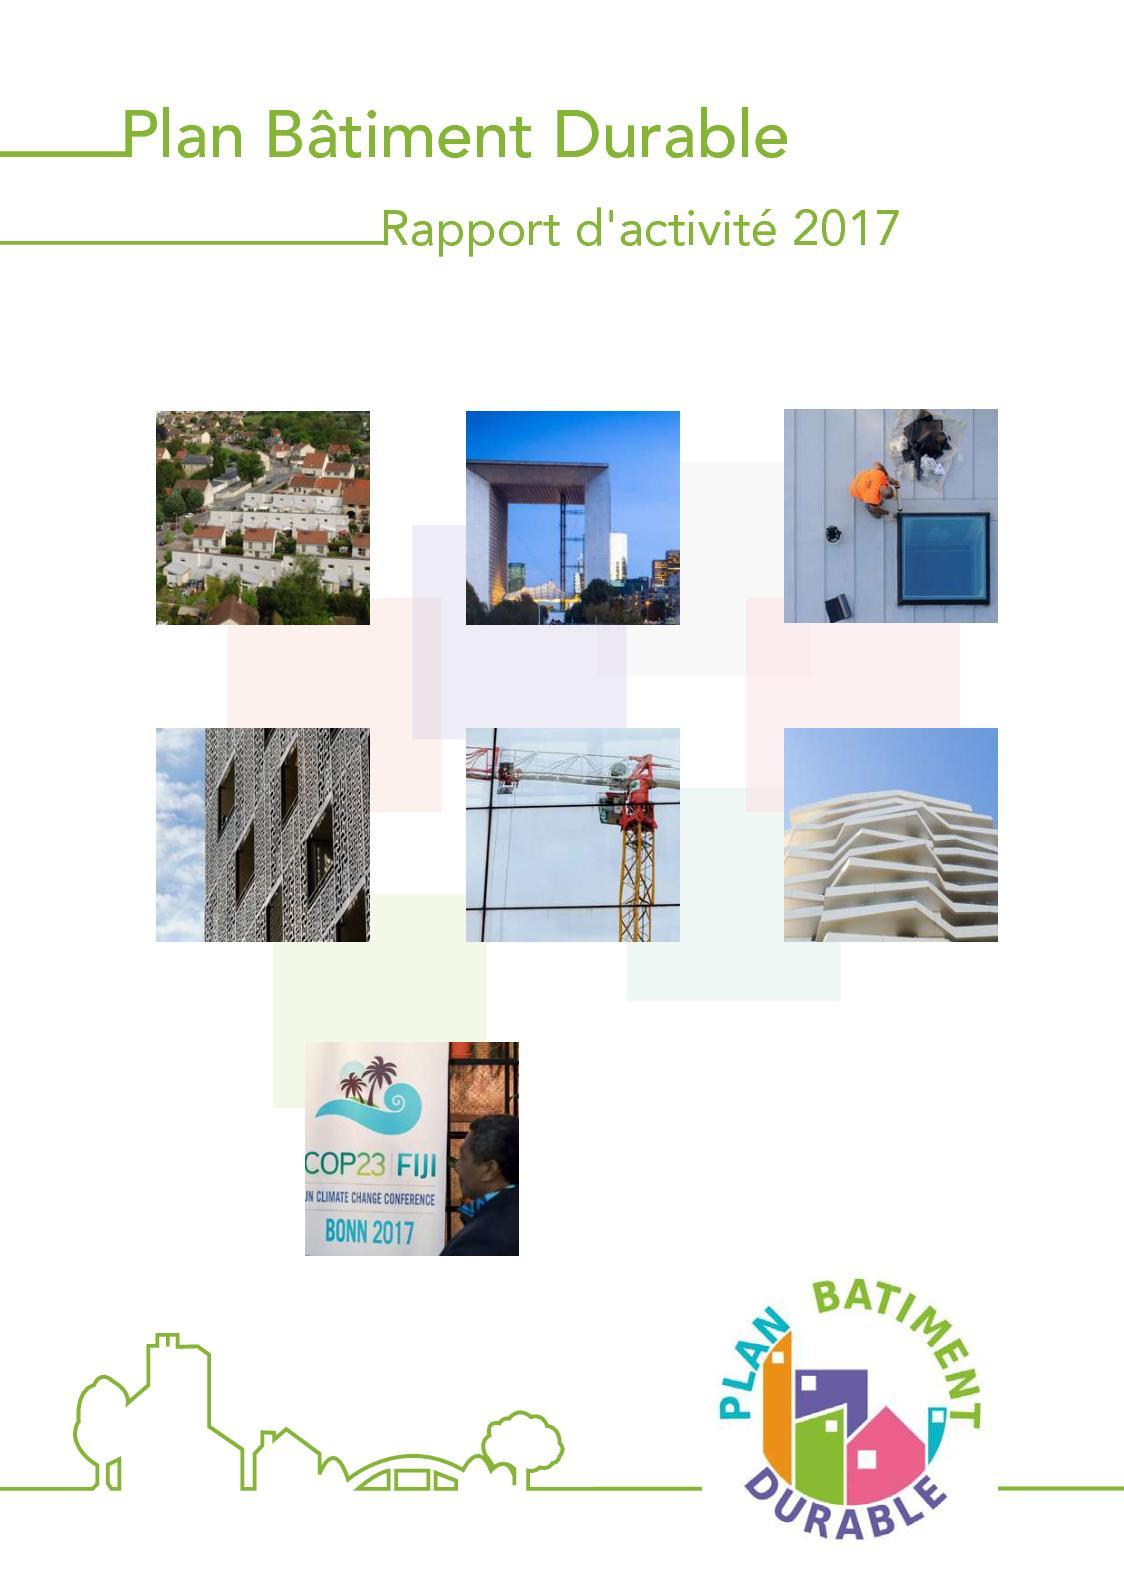 Calaméo - Rapport d activité 2017 - Plan Bâtiment Durable b6615ce0dcb1